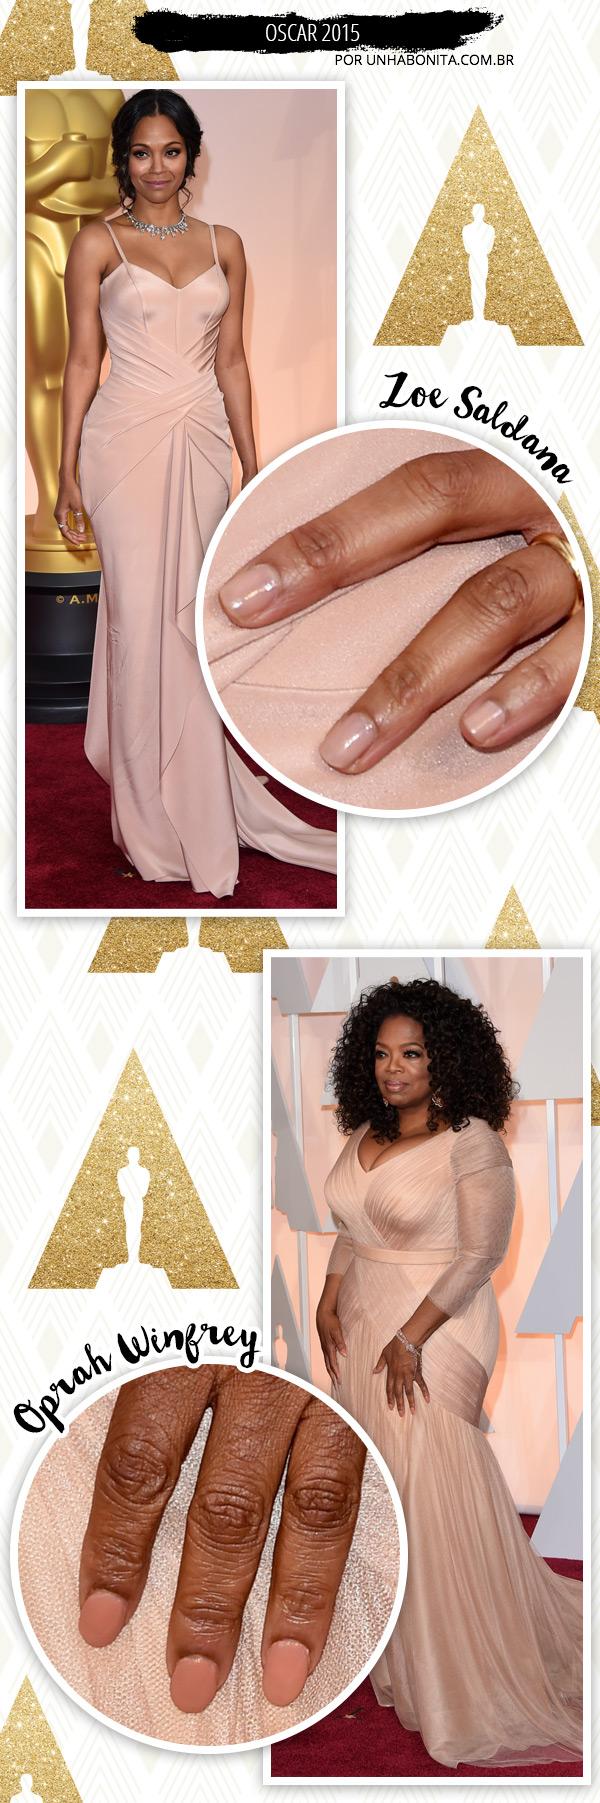 Oprah-Winfrey-zoe-saldana-oscar-2015